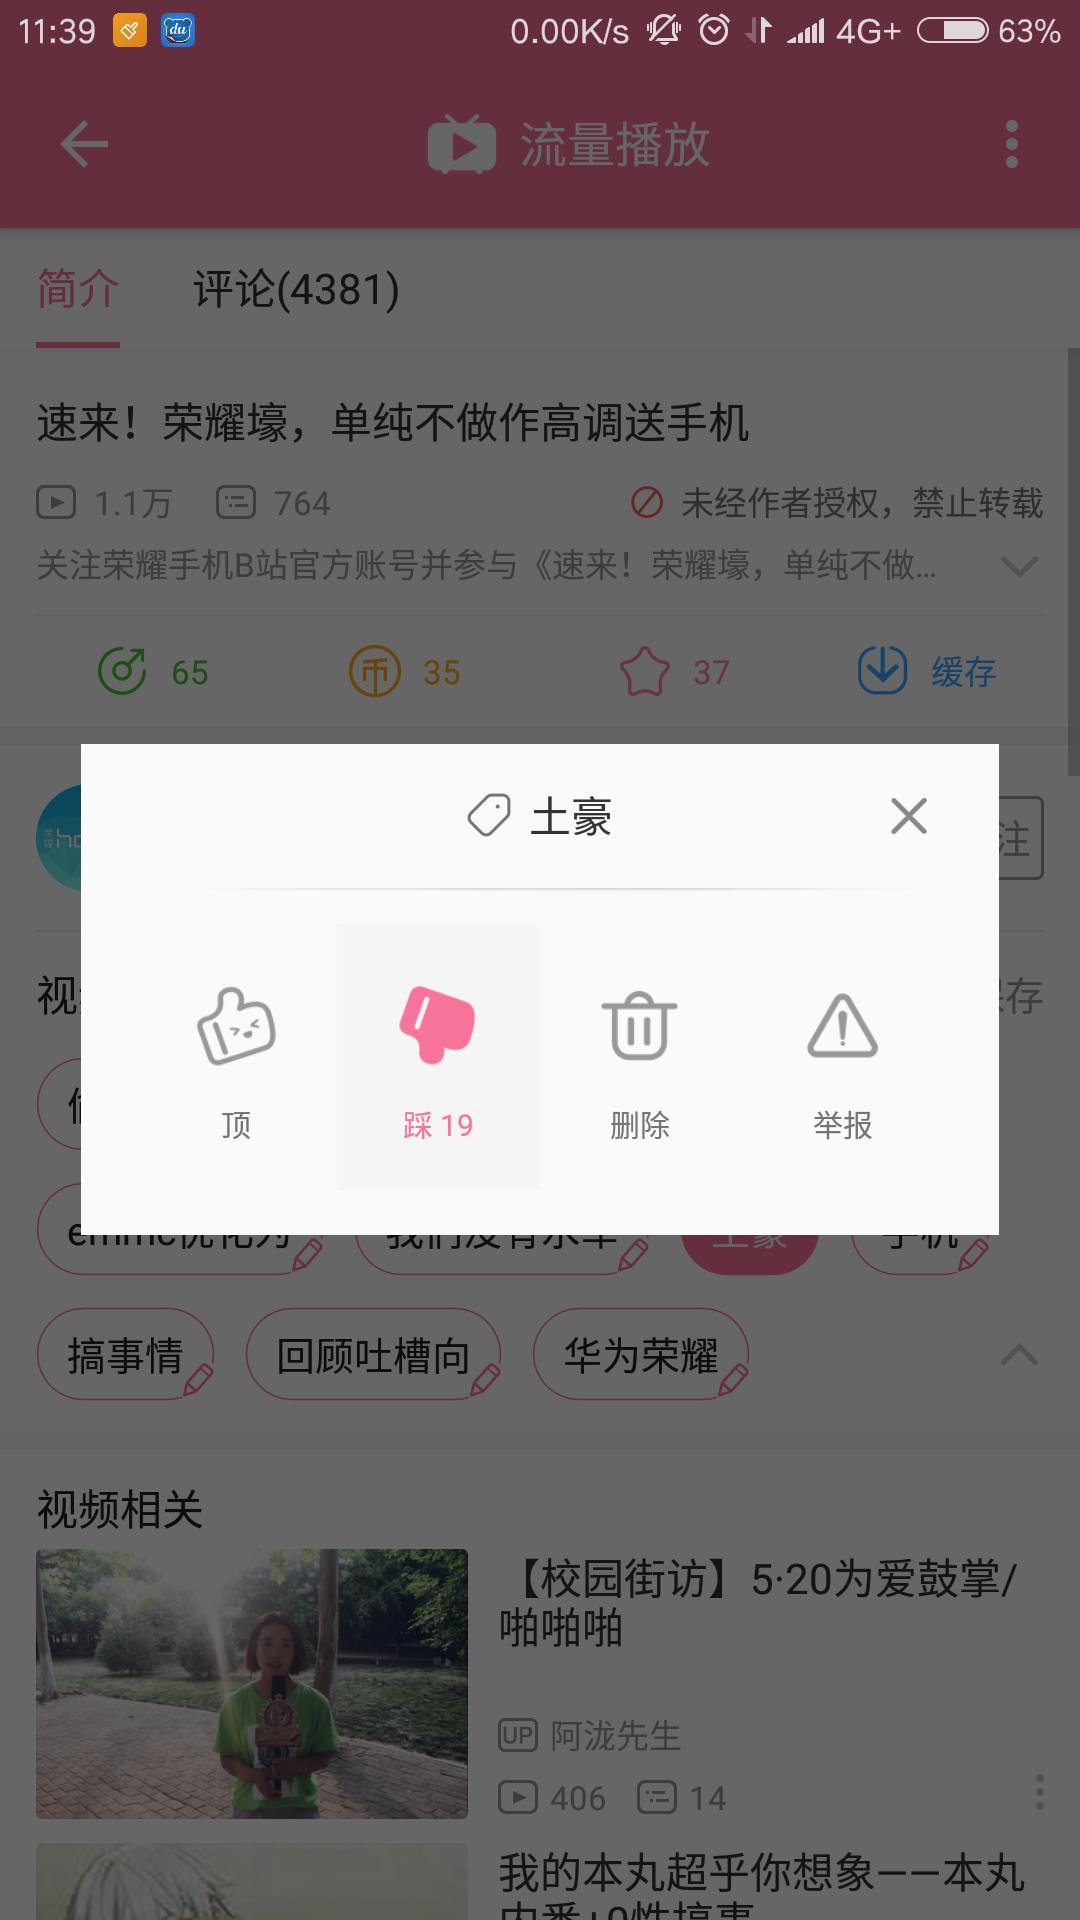 应急哔哩哔哩荣耀华为苹果手机官方营销碰手机账号没电了怎么评价图片